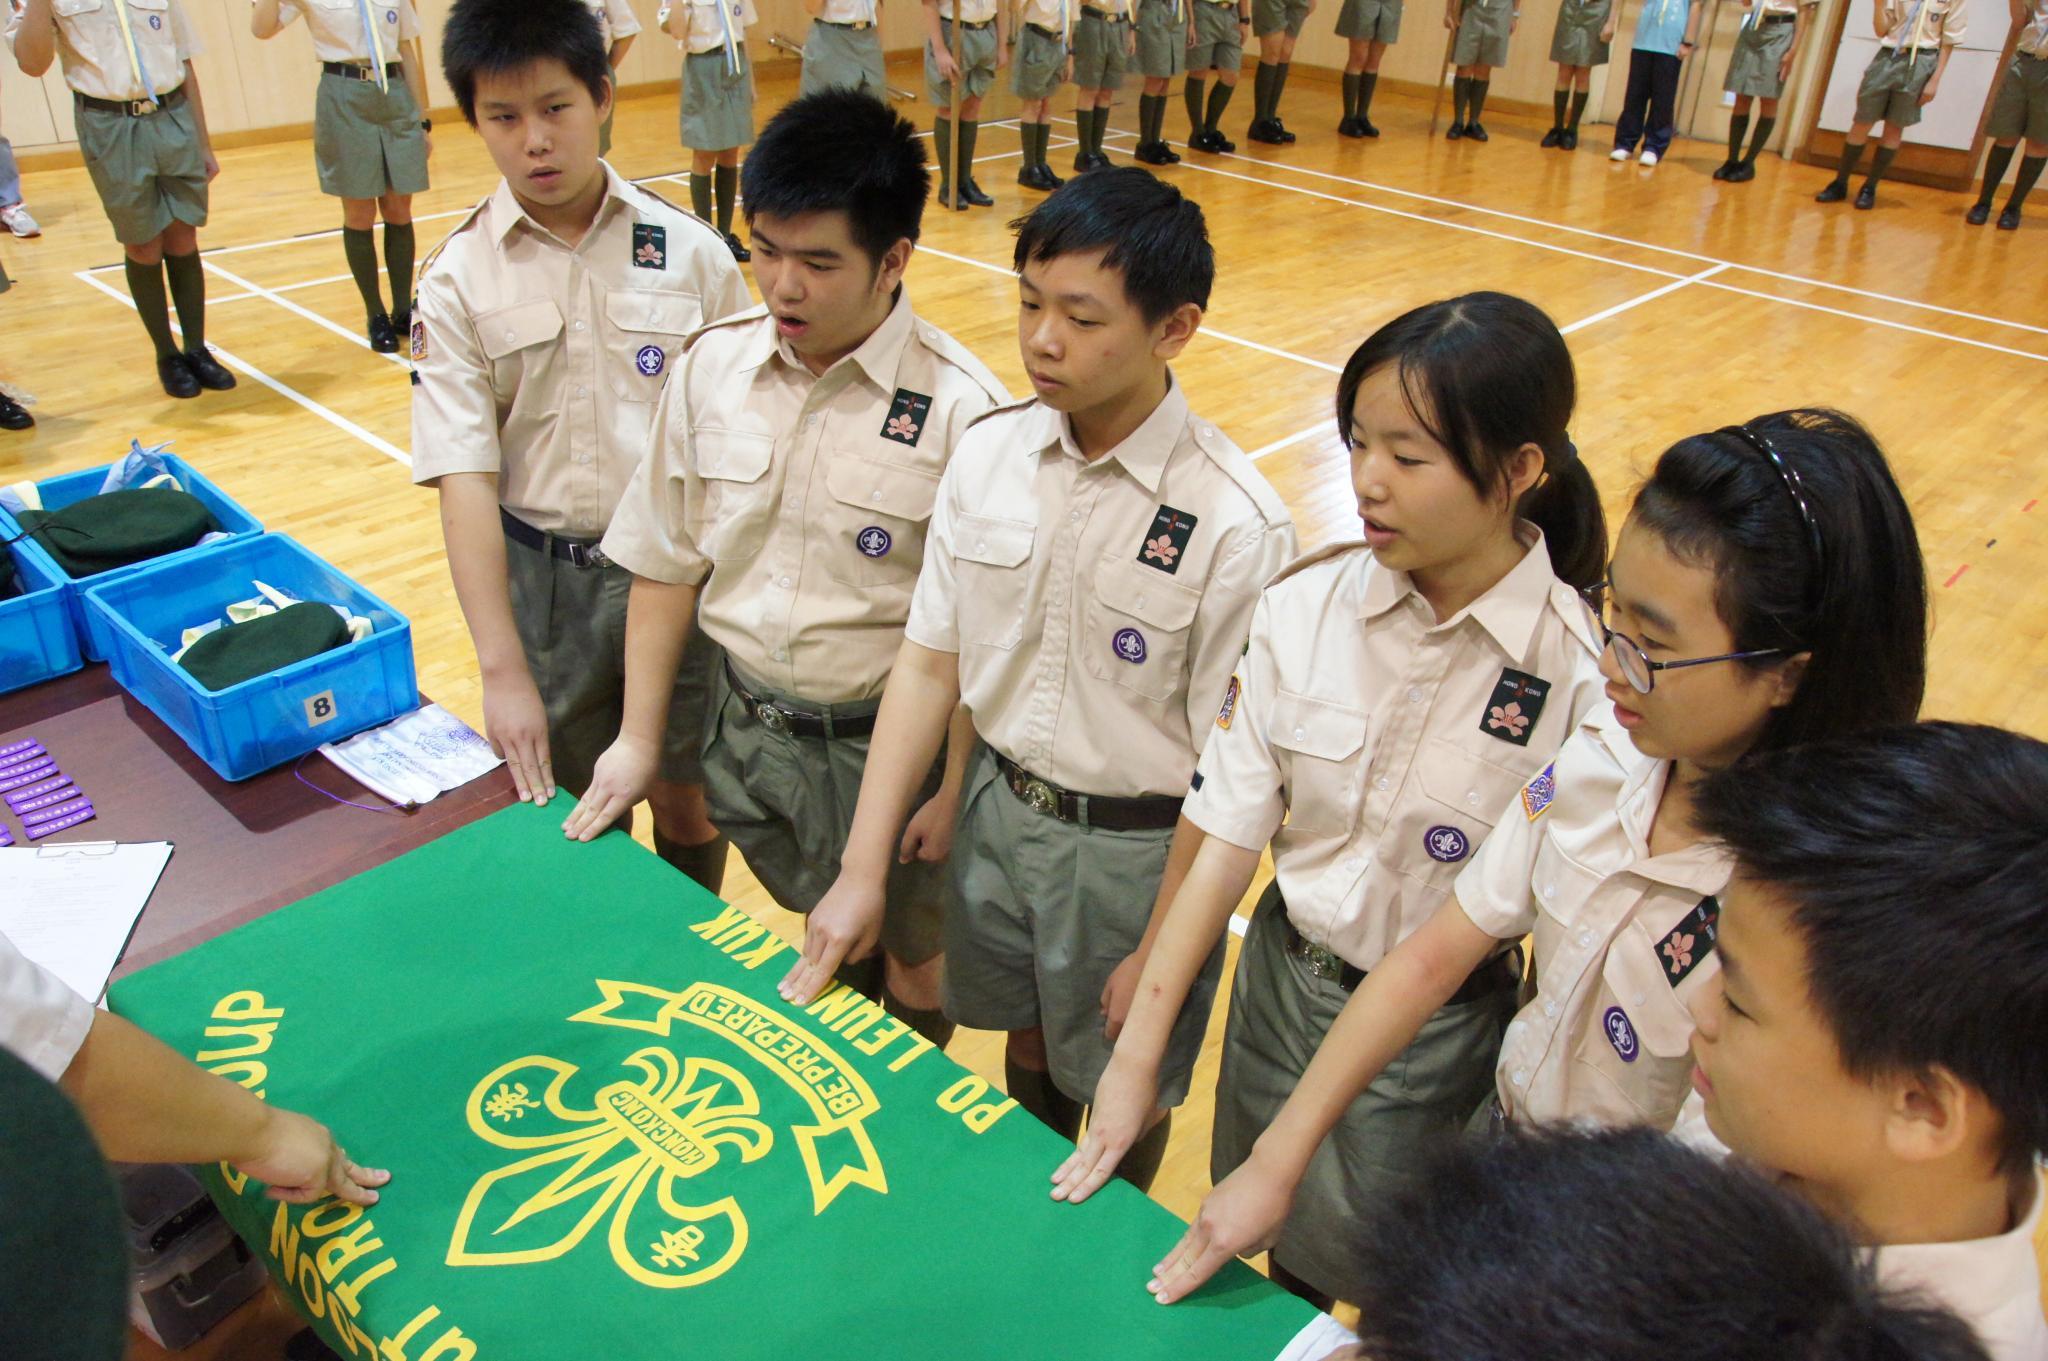 Scouts were taking an oath.